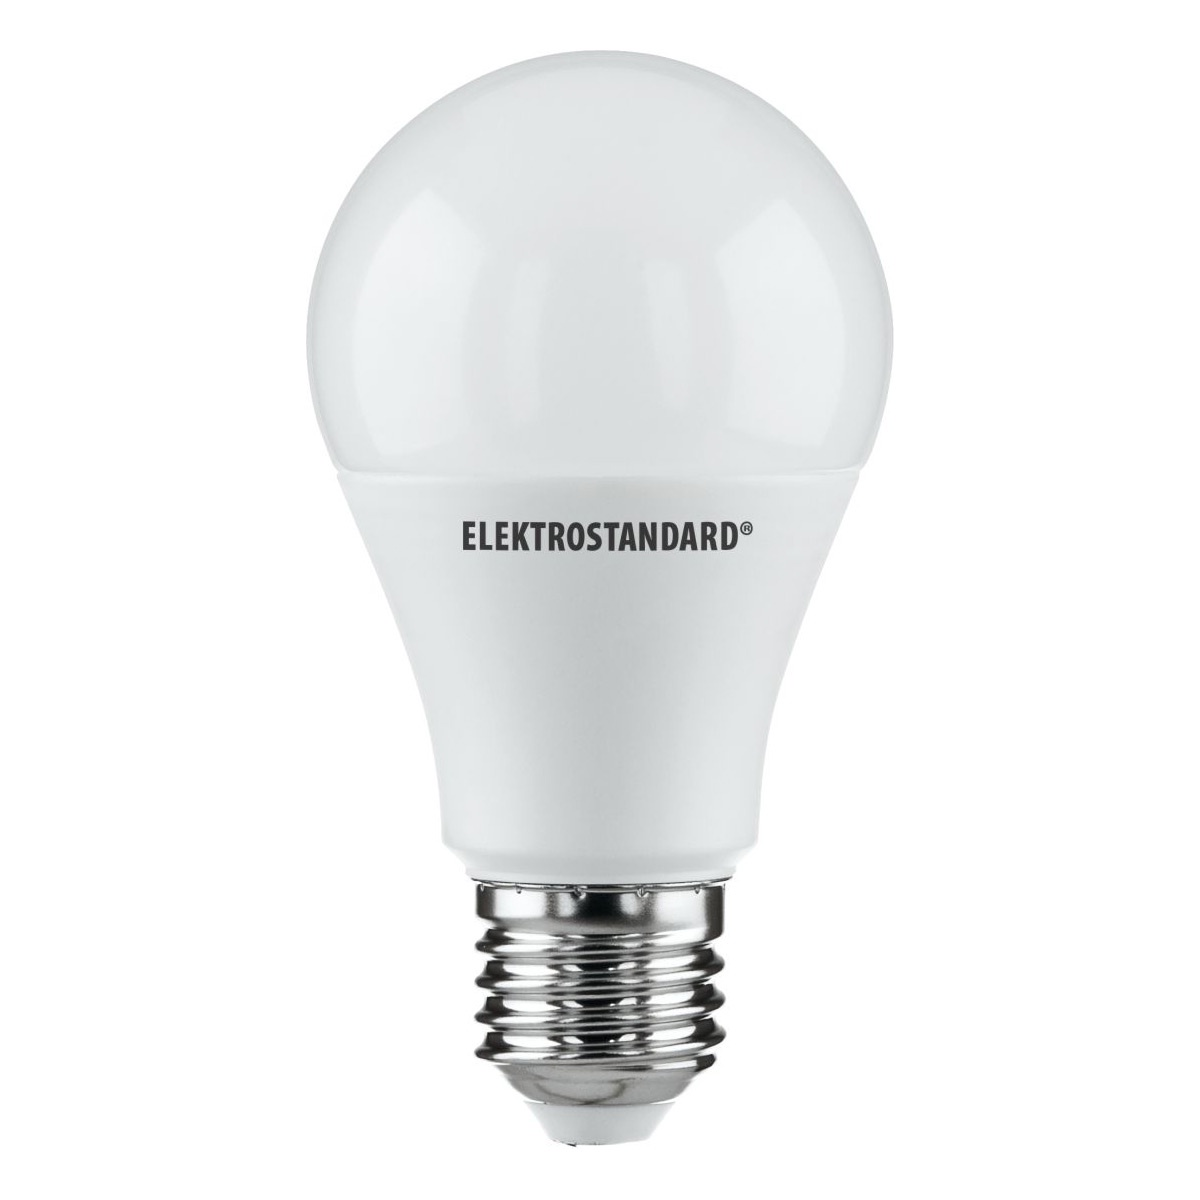 Лампочка Elektrostandard светодиодная Classic LED D 17W 4200K E27, Нейтральный свет 17 Вт, Светодиодная лампы светодиодная elektrostandard classic led d 7w 4200k e27